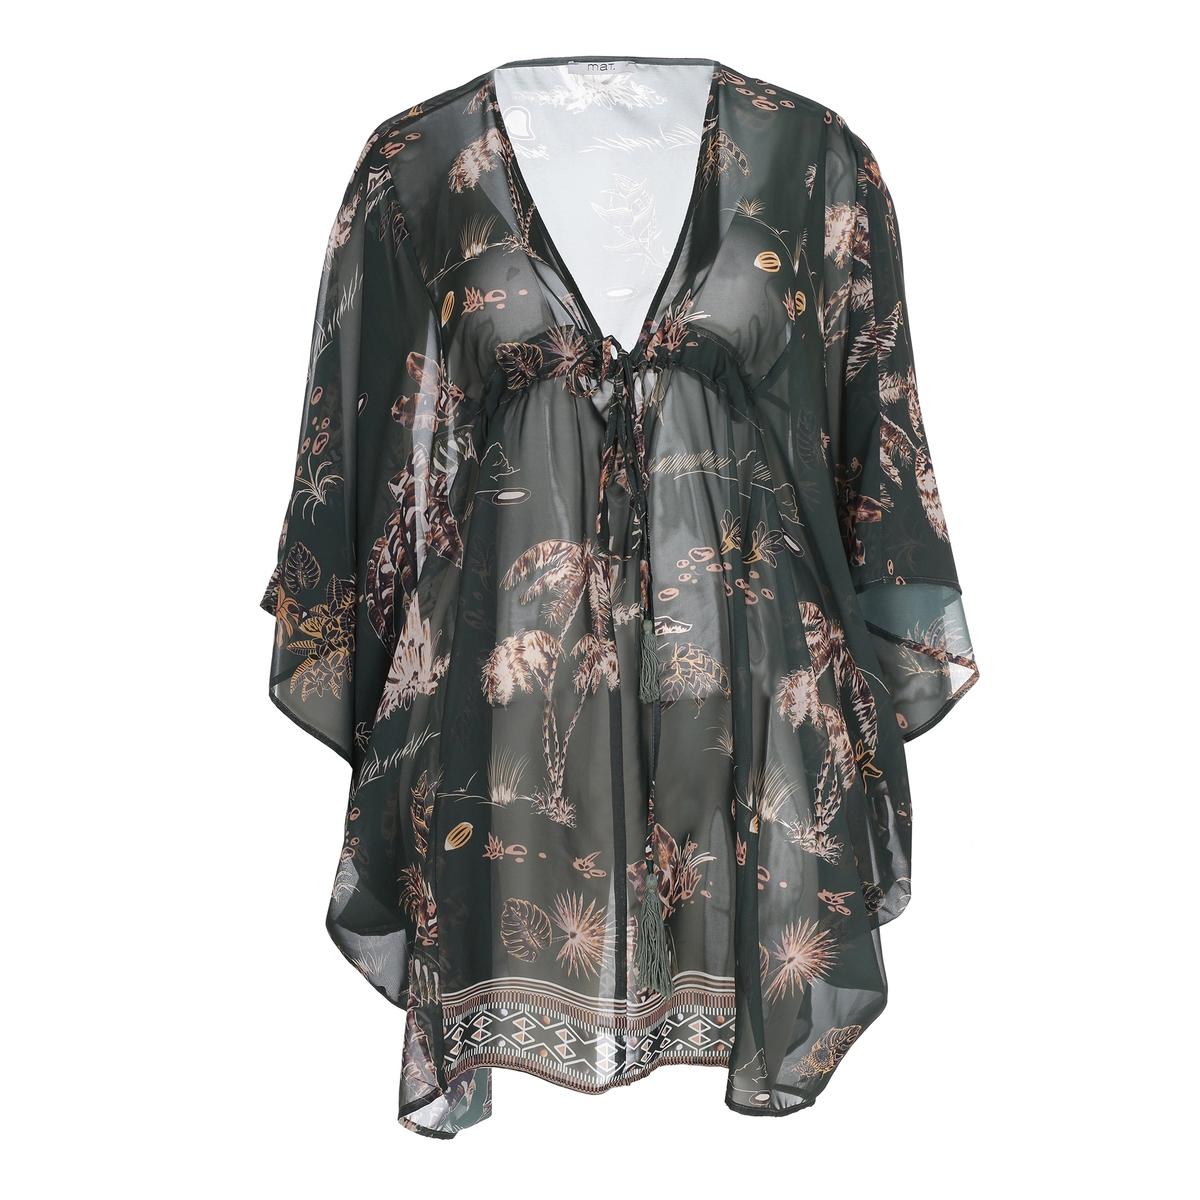 Жакет-кимоноЖакет-кимоно MAT FASHION. 100% полиэстер. Жакет с рисунком. Рукава 3/4  . Застежка на завязки с кисточками.<br><br>Цвет: рисунок/зеленый<br>Размер: 48/52 (FR) - 54/58 (RUS)